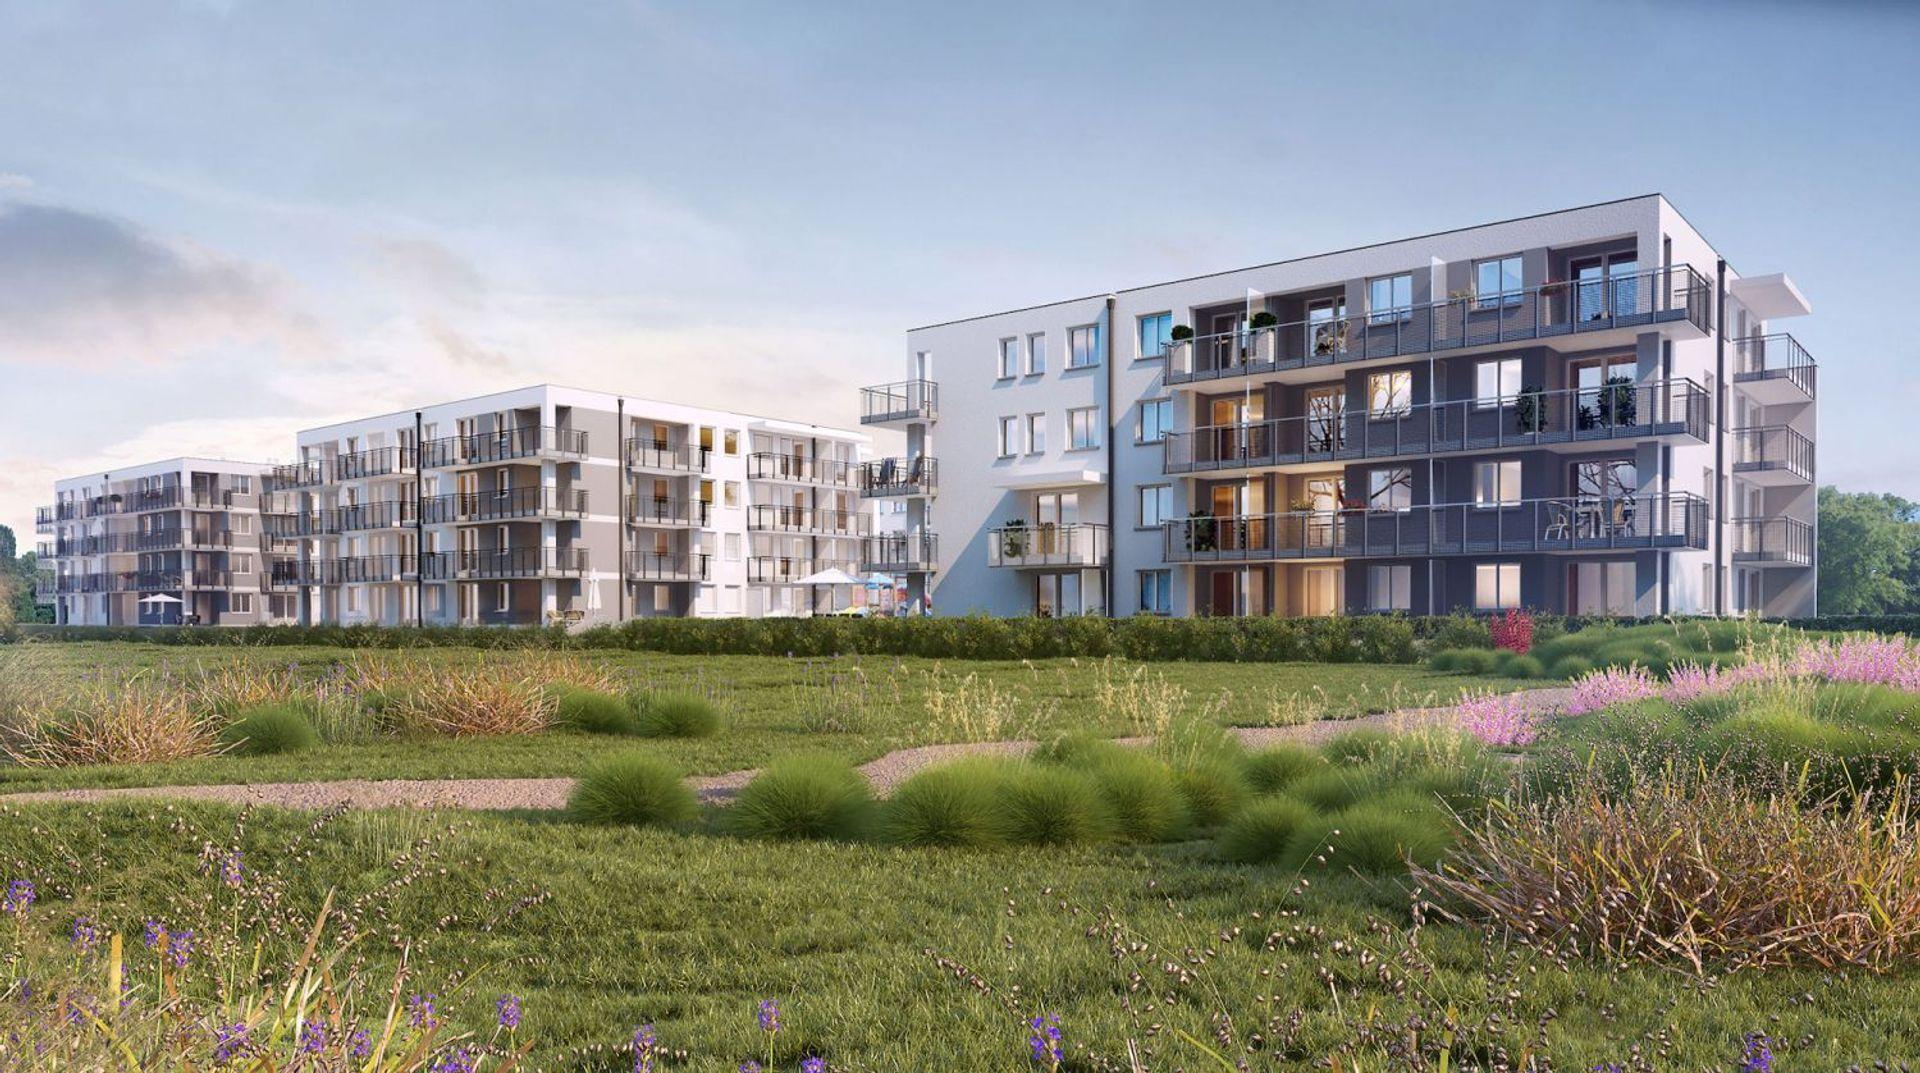 [Warszawa] Mieszkania na osiedlu Viva Garden 4 wprowadzone do oferty